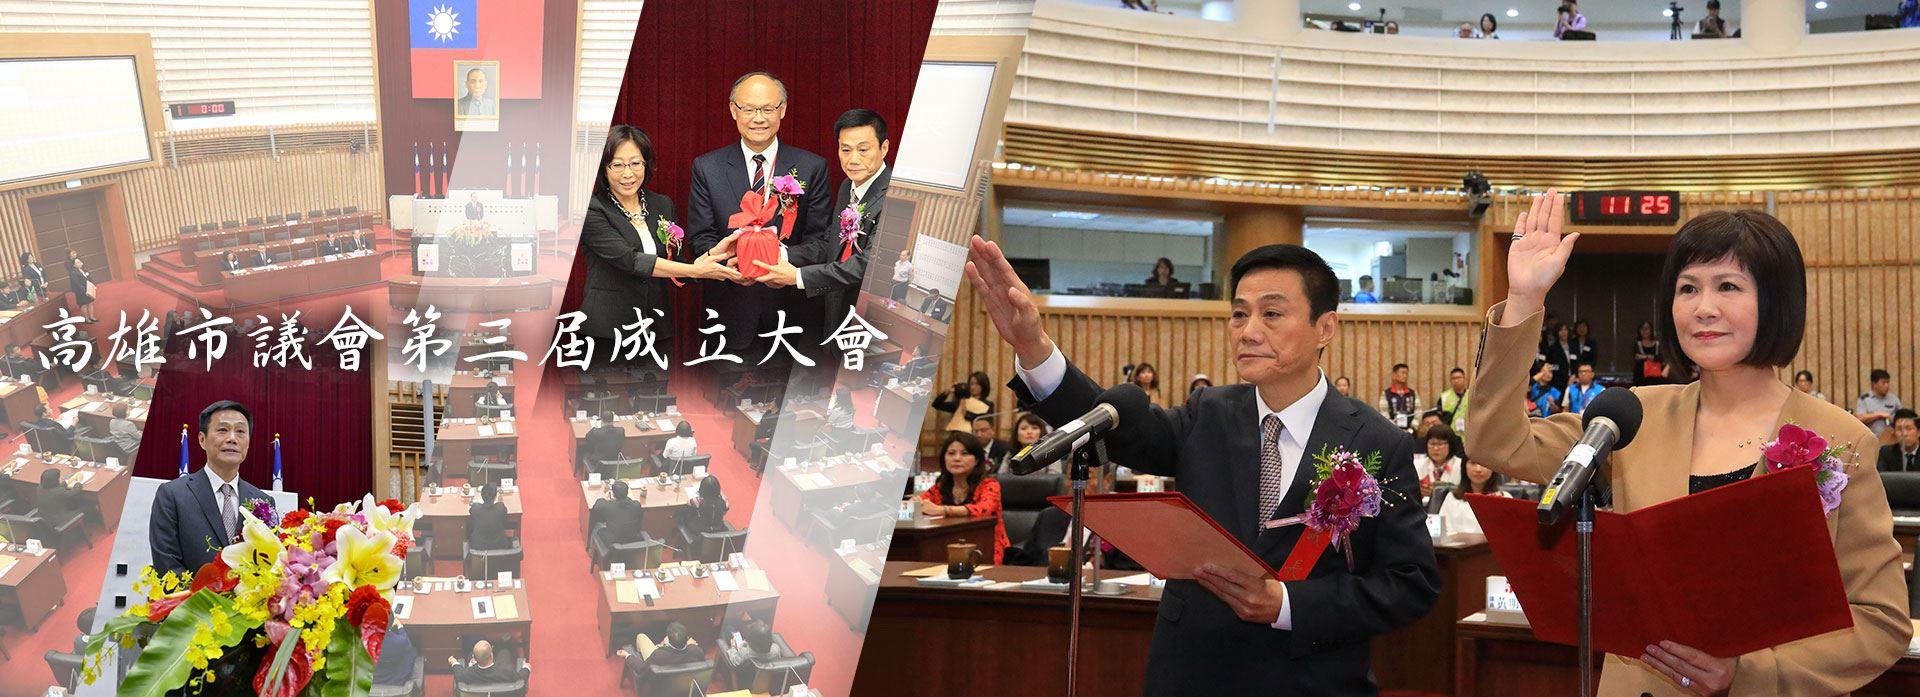 高雄市議會第三屆成立大會